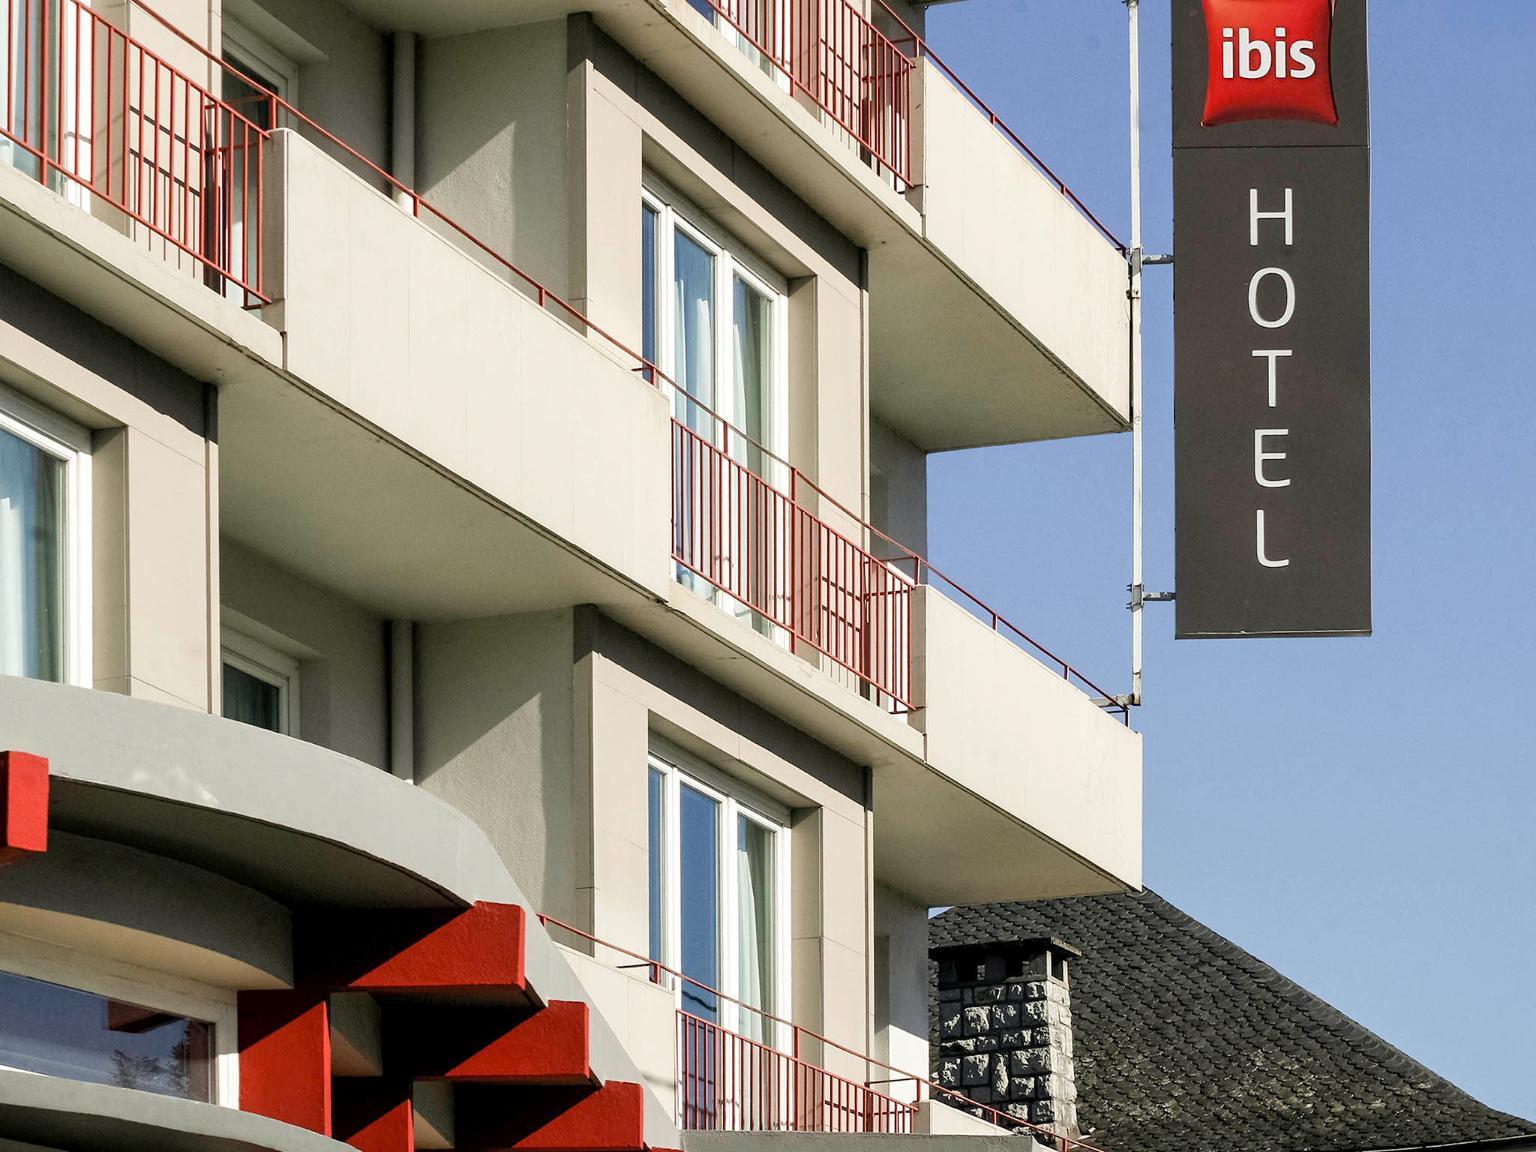 ibis brive centre h tel 32 rue marcelin roche 19100. Black Bedroom Furniture Sets. Home Design Ideas